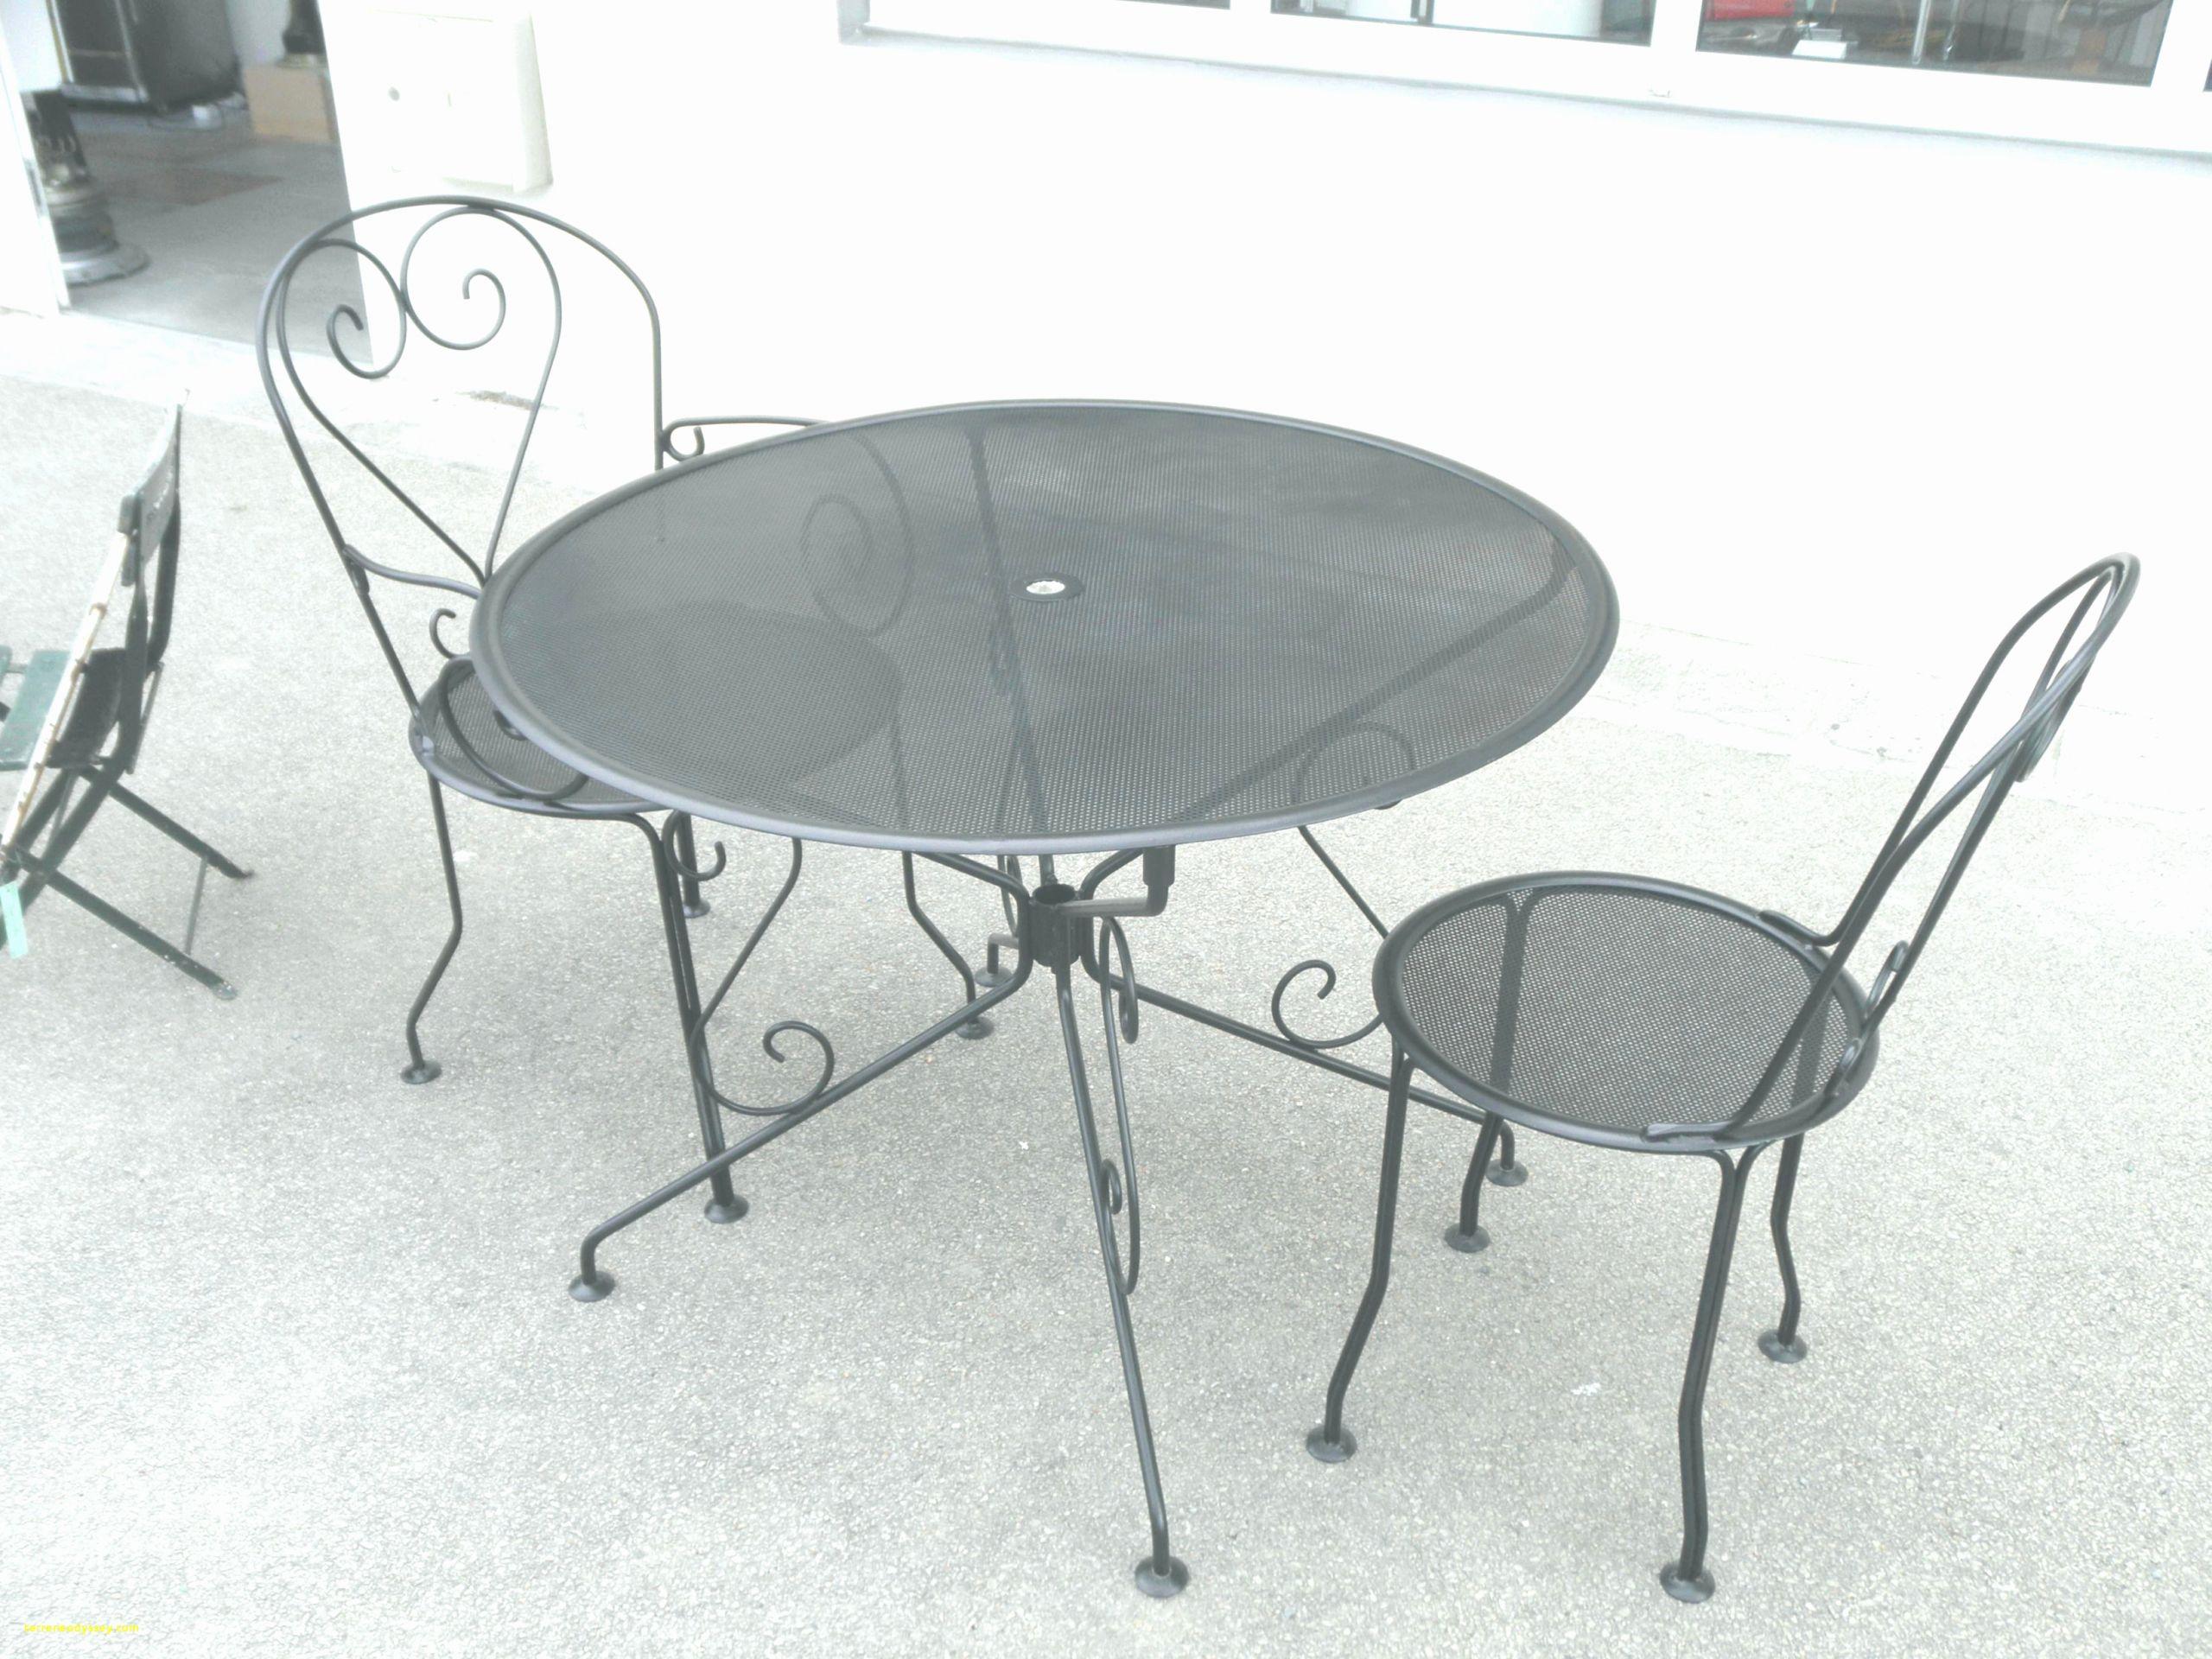 salon de jardin hesperide gris photo de chaise et table de jardin pas cher das beste von chaise hesperide of salon de jardin hesperide gris